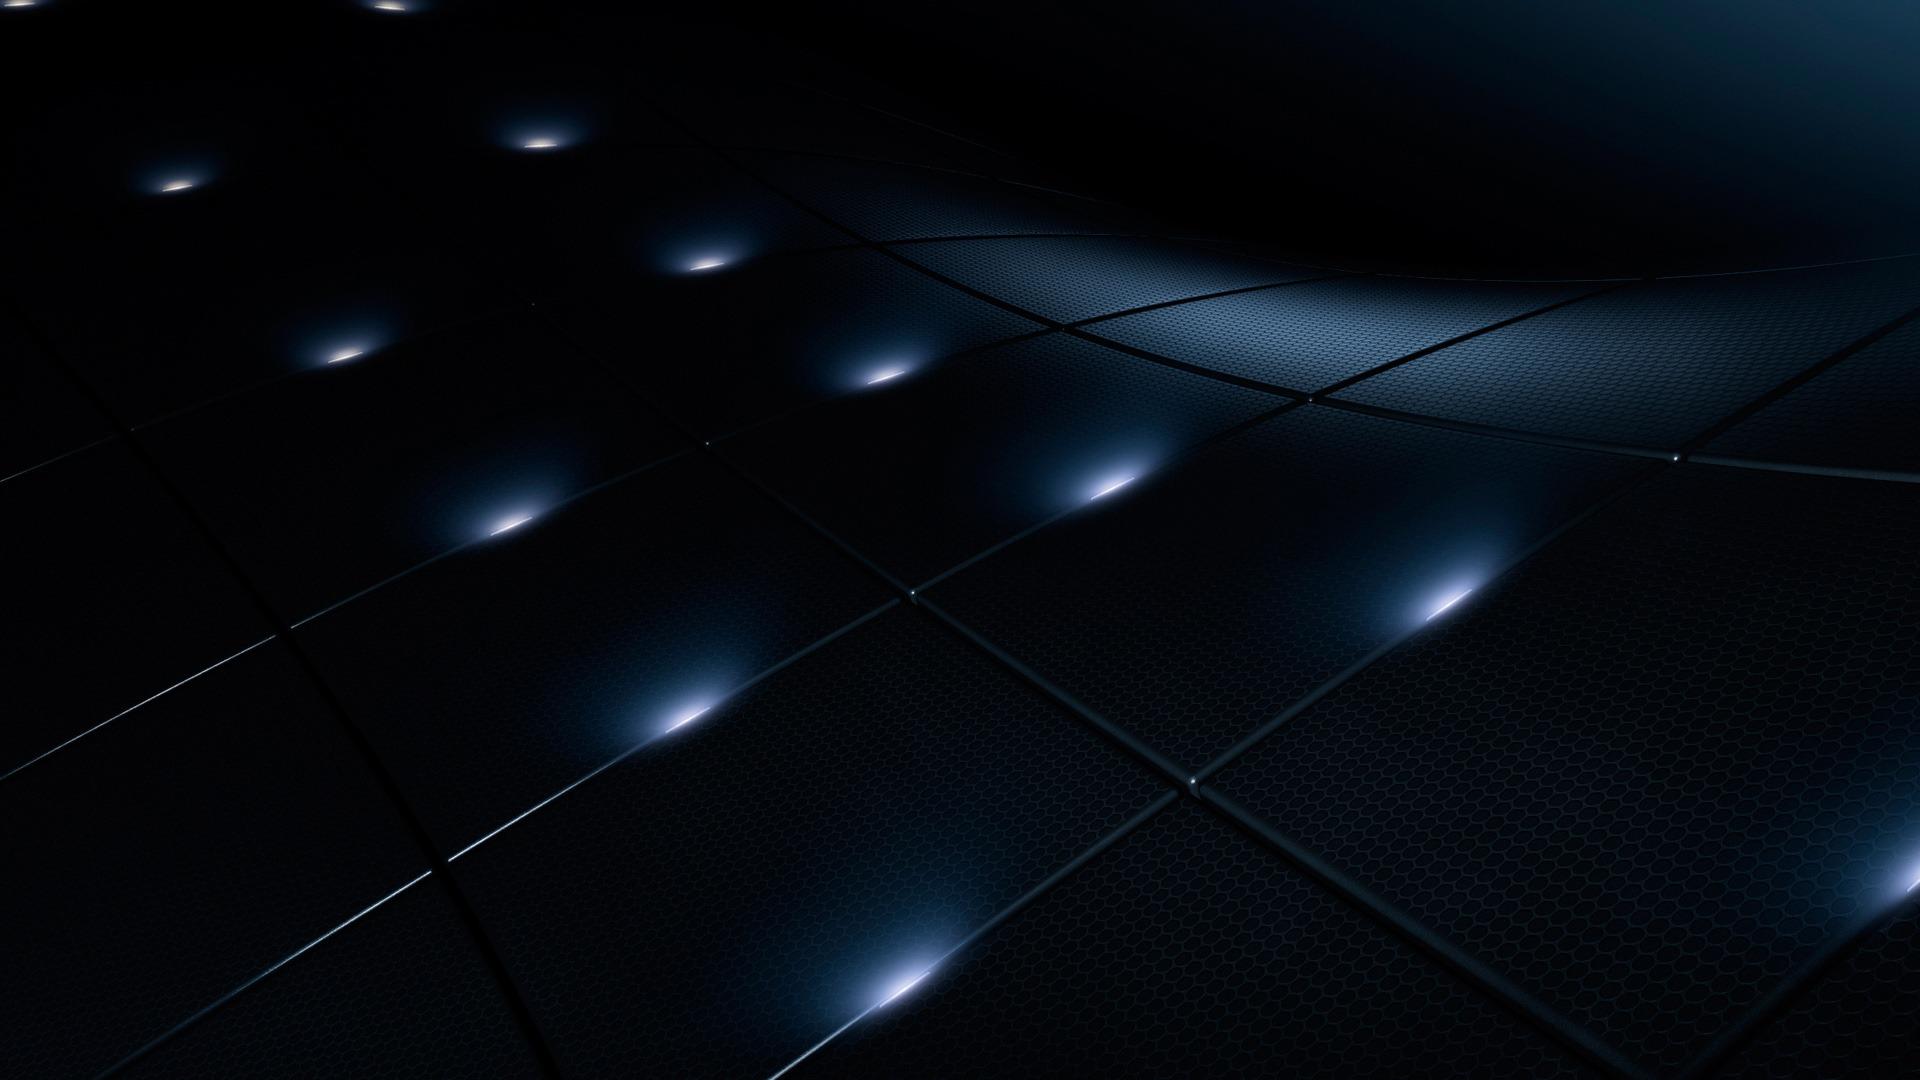 carbon fiber desktop wallpaper - sf wallpaper